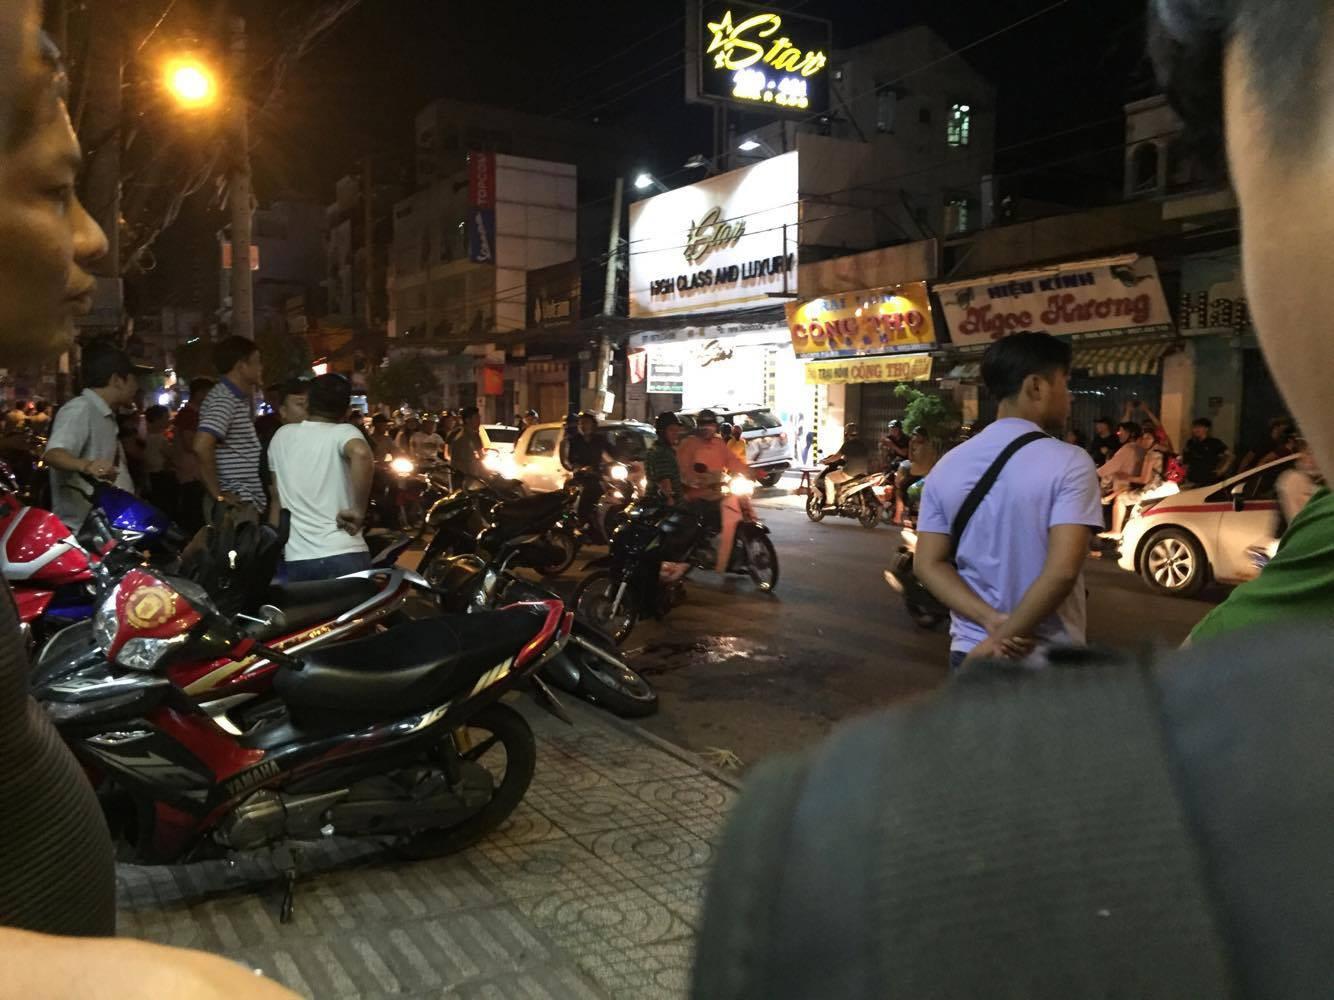 NÓNG: Bắt giữ 1 nghi can vụ đâm 2 hiệp sĩ tử vong, 3 người bị thương ở Sài Gòn - Ảnh 2.